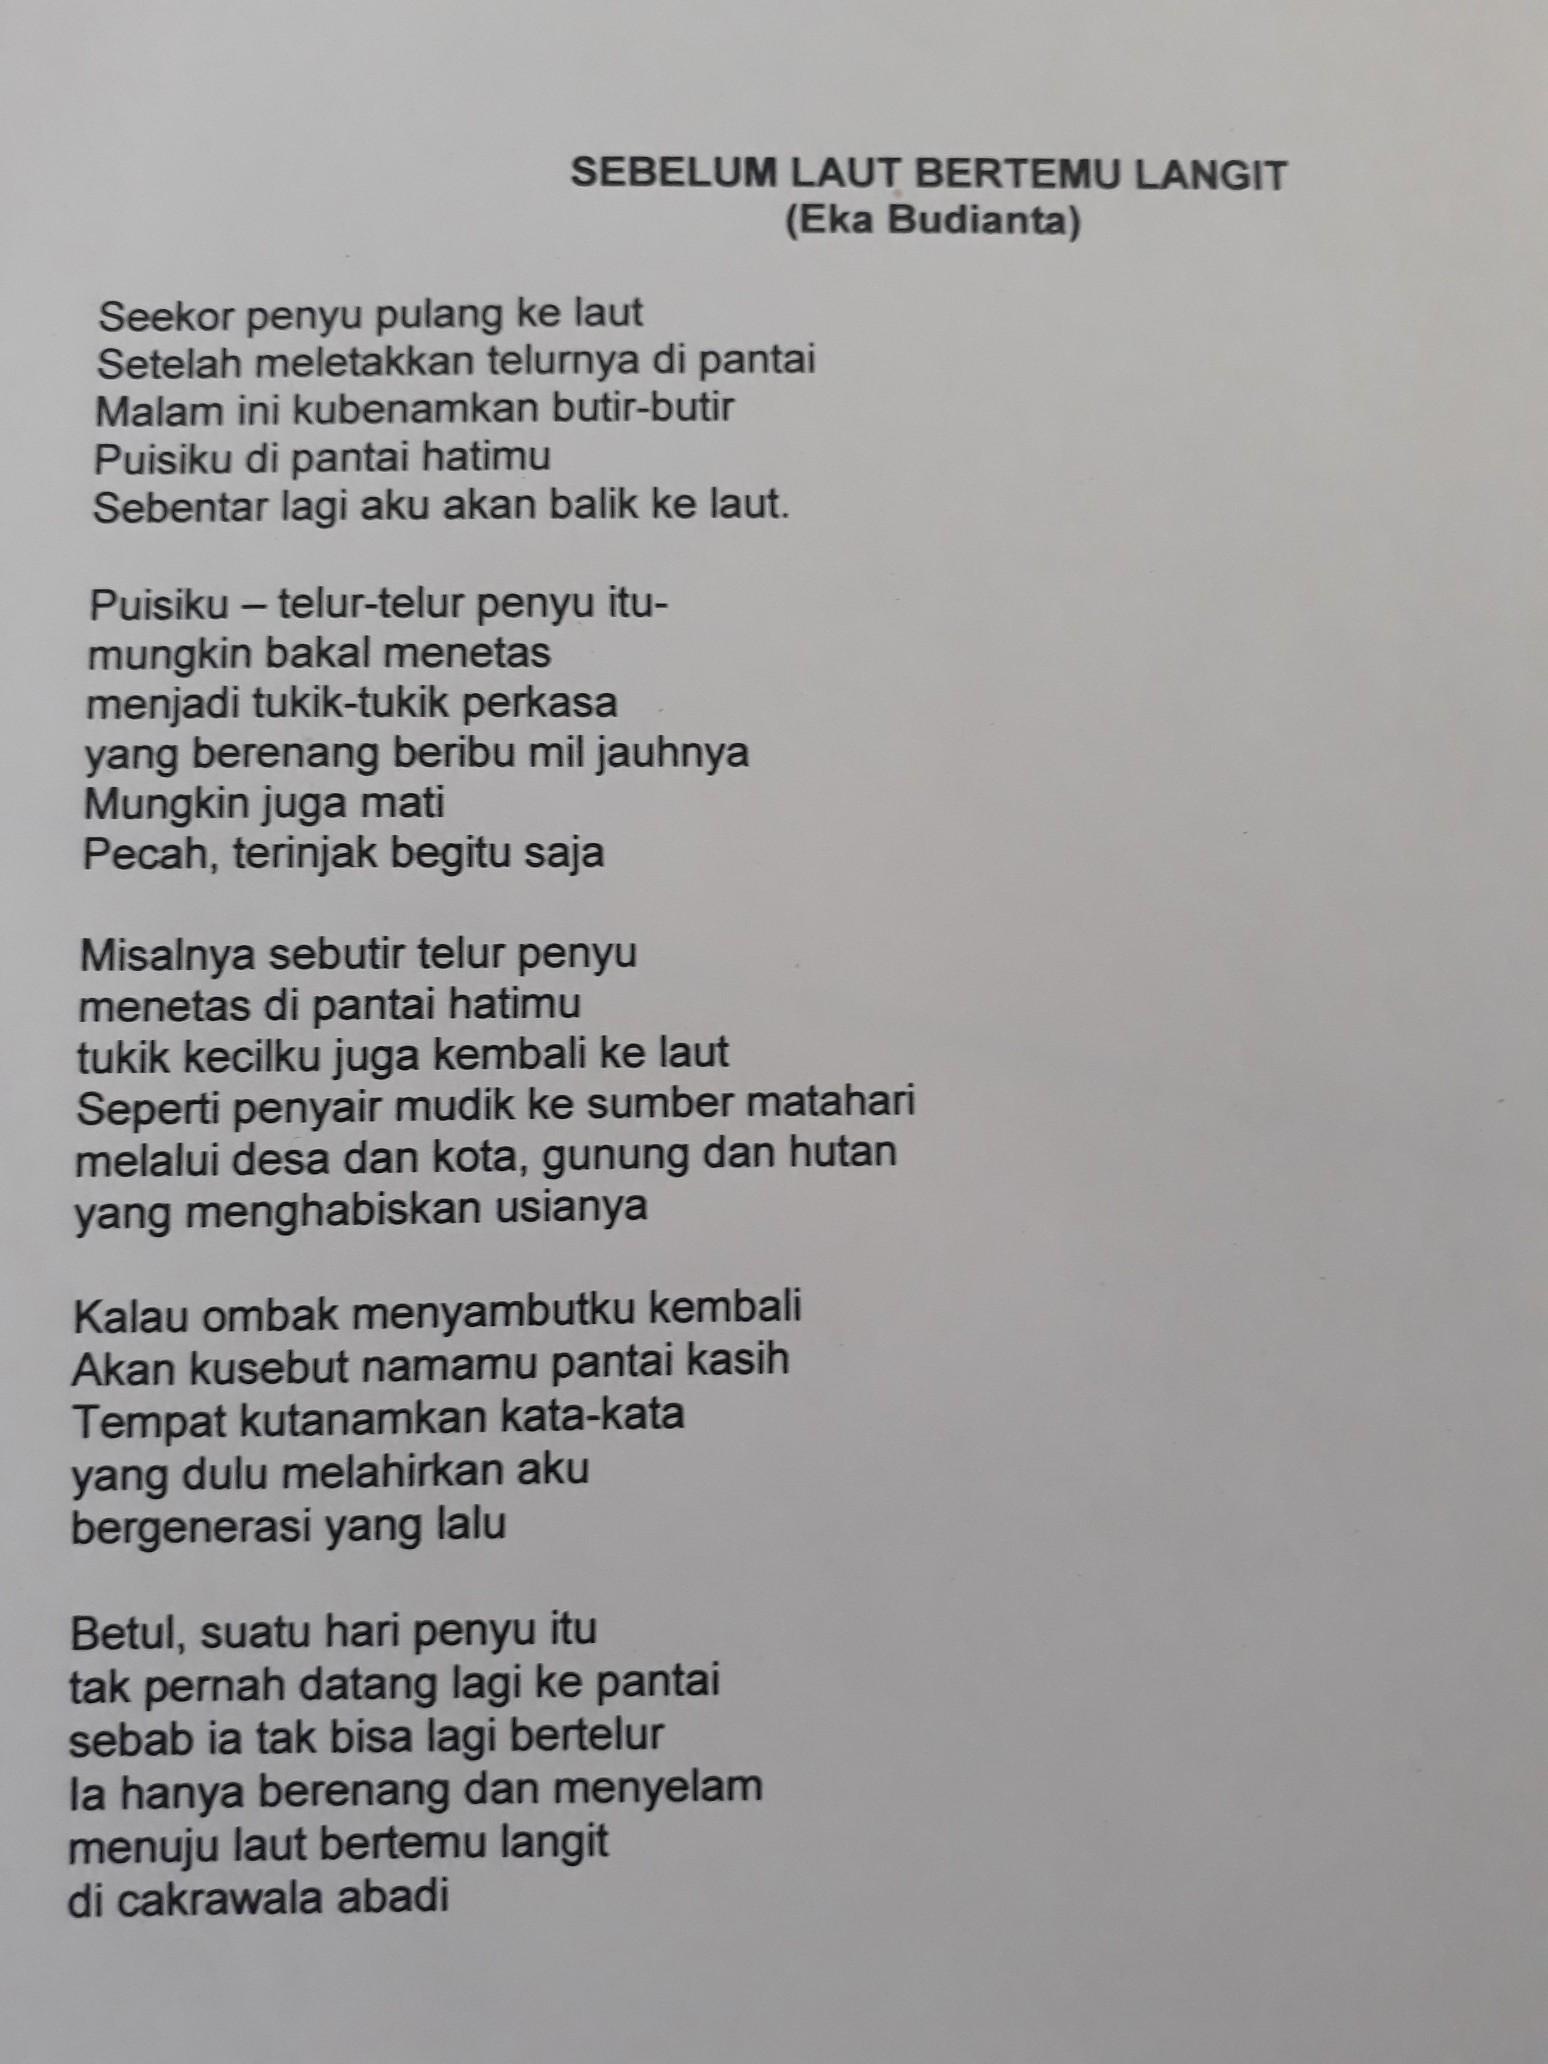 Puisi Tentang Alam 5 Bait 4 Baris - KT Puisi